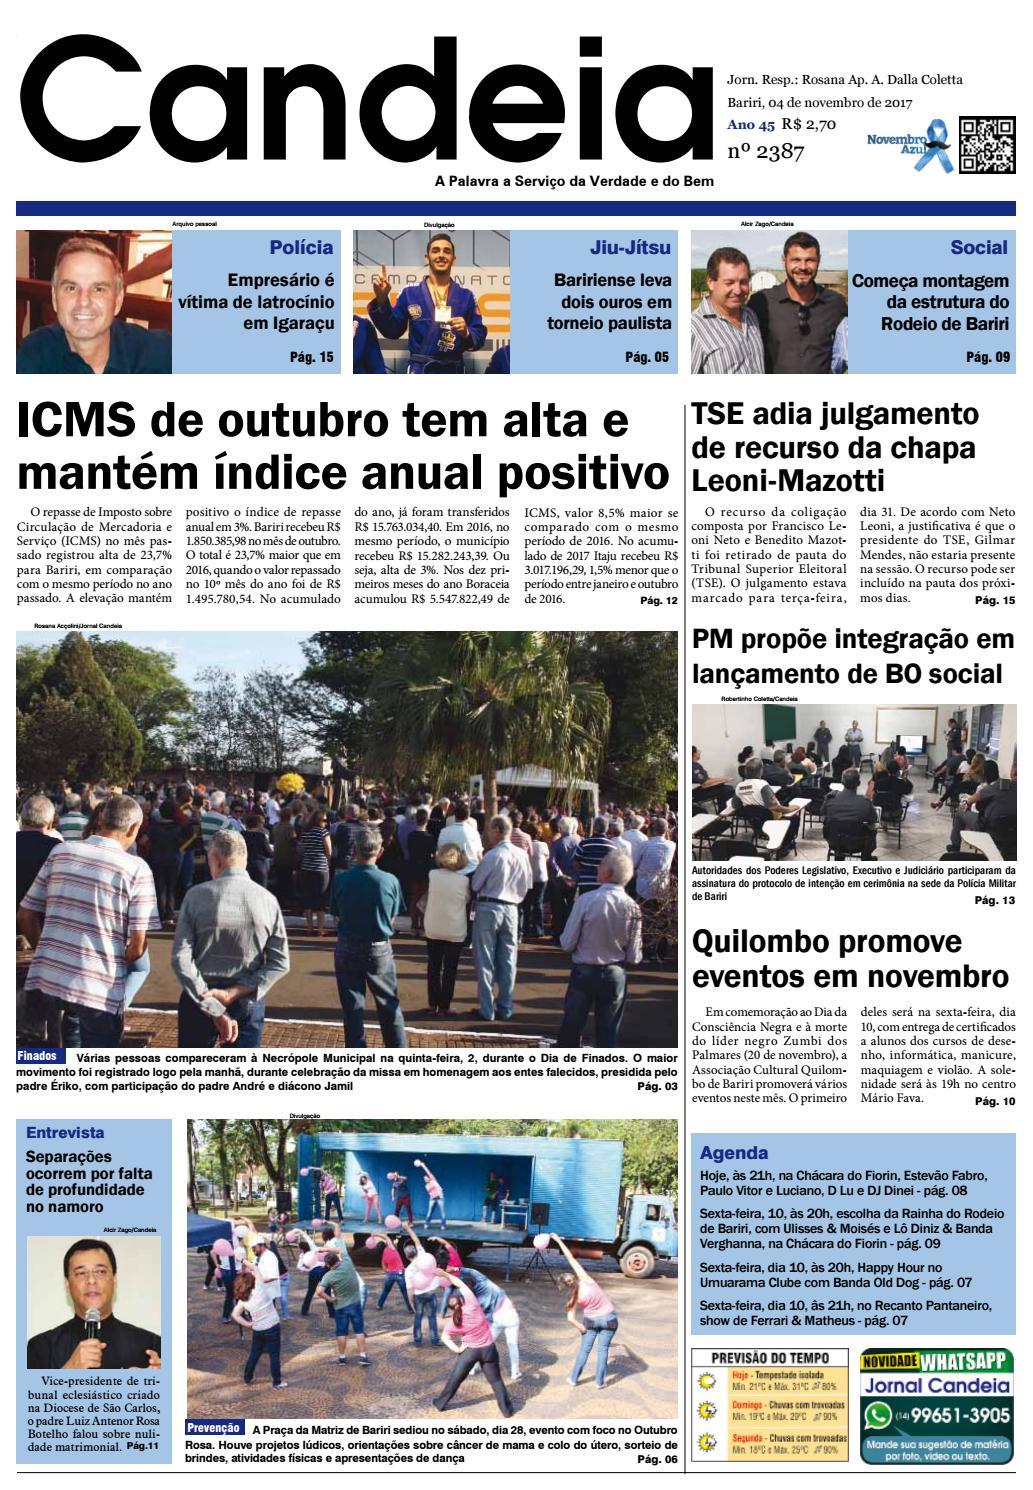 Jornal candeia 04 11 2017 by Jornal Candeia - issuu c4865ef9fd7